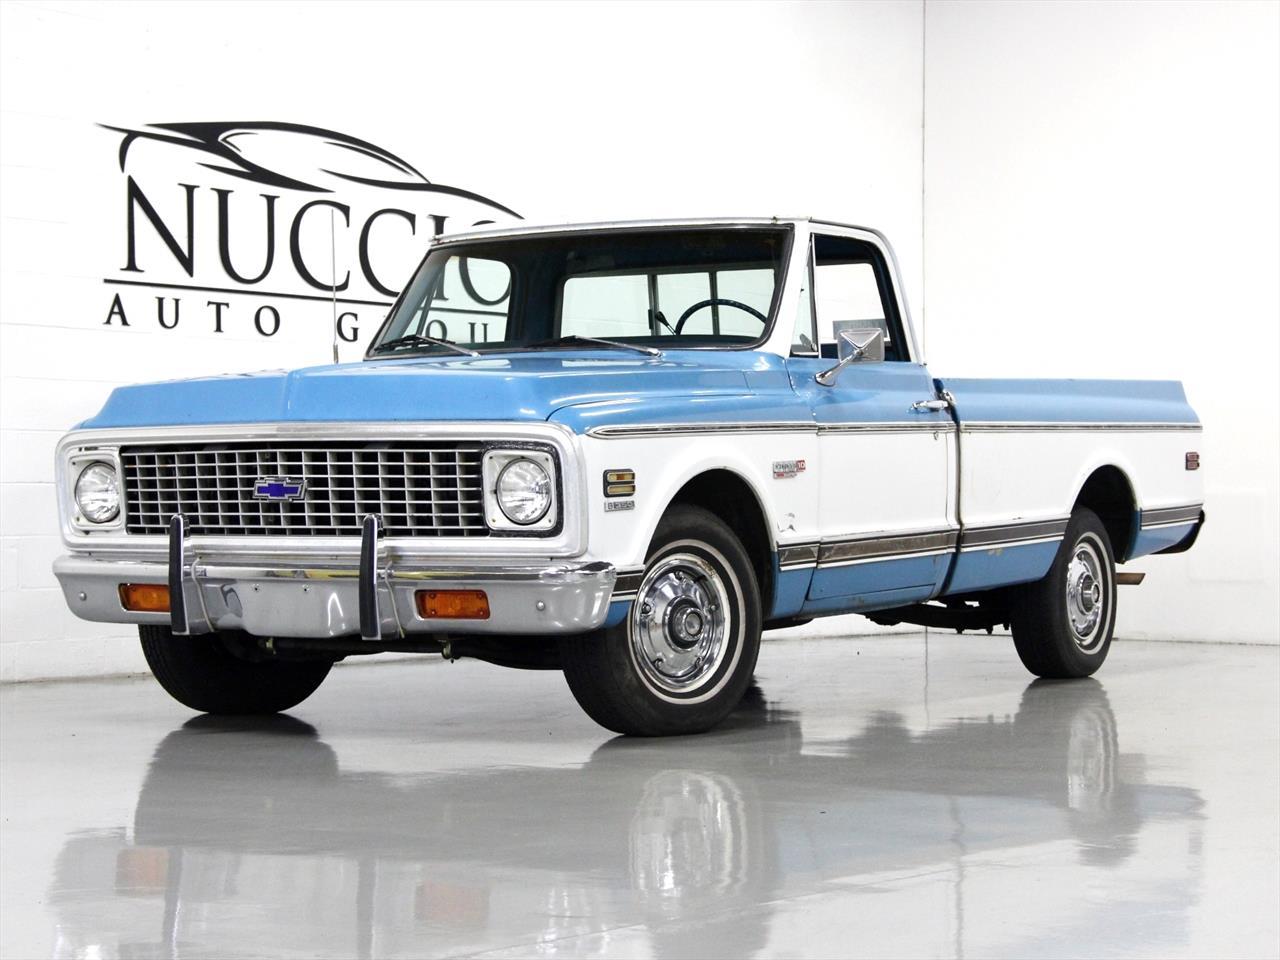 1972 Chevrolet Cheyenne Super 10 Pickup